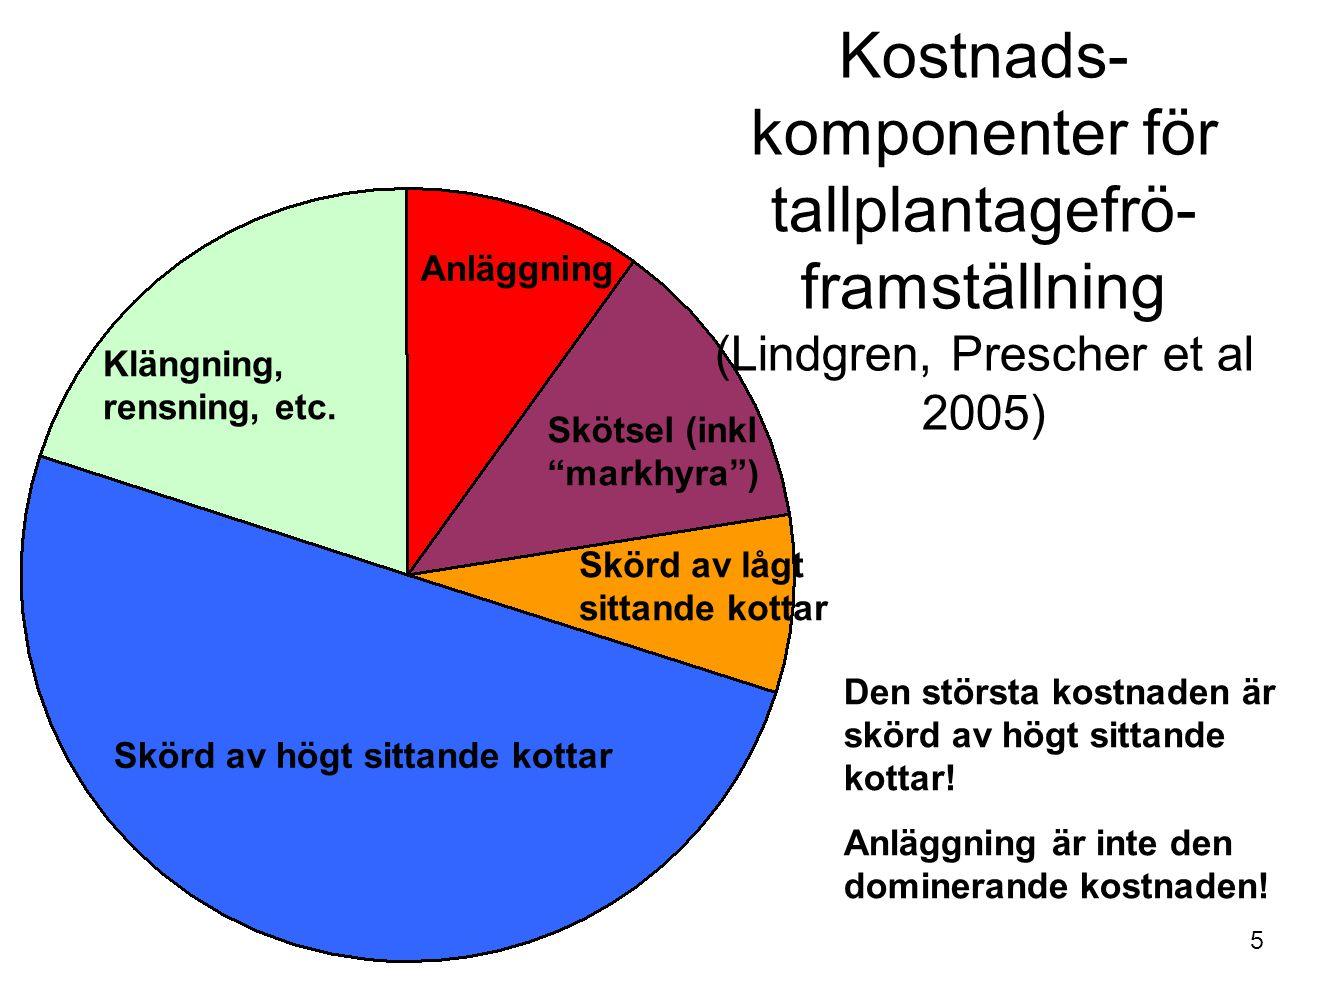 Kostnads-komponenter för tallplantagefrö-framställning (Lindgren, Prescher et al 2005)